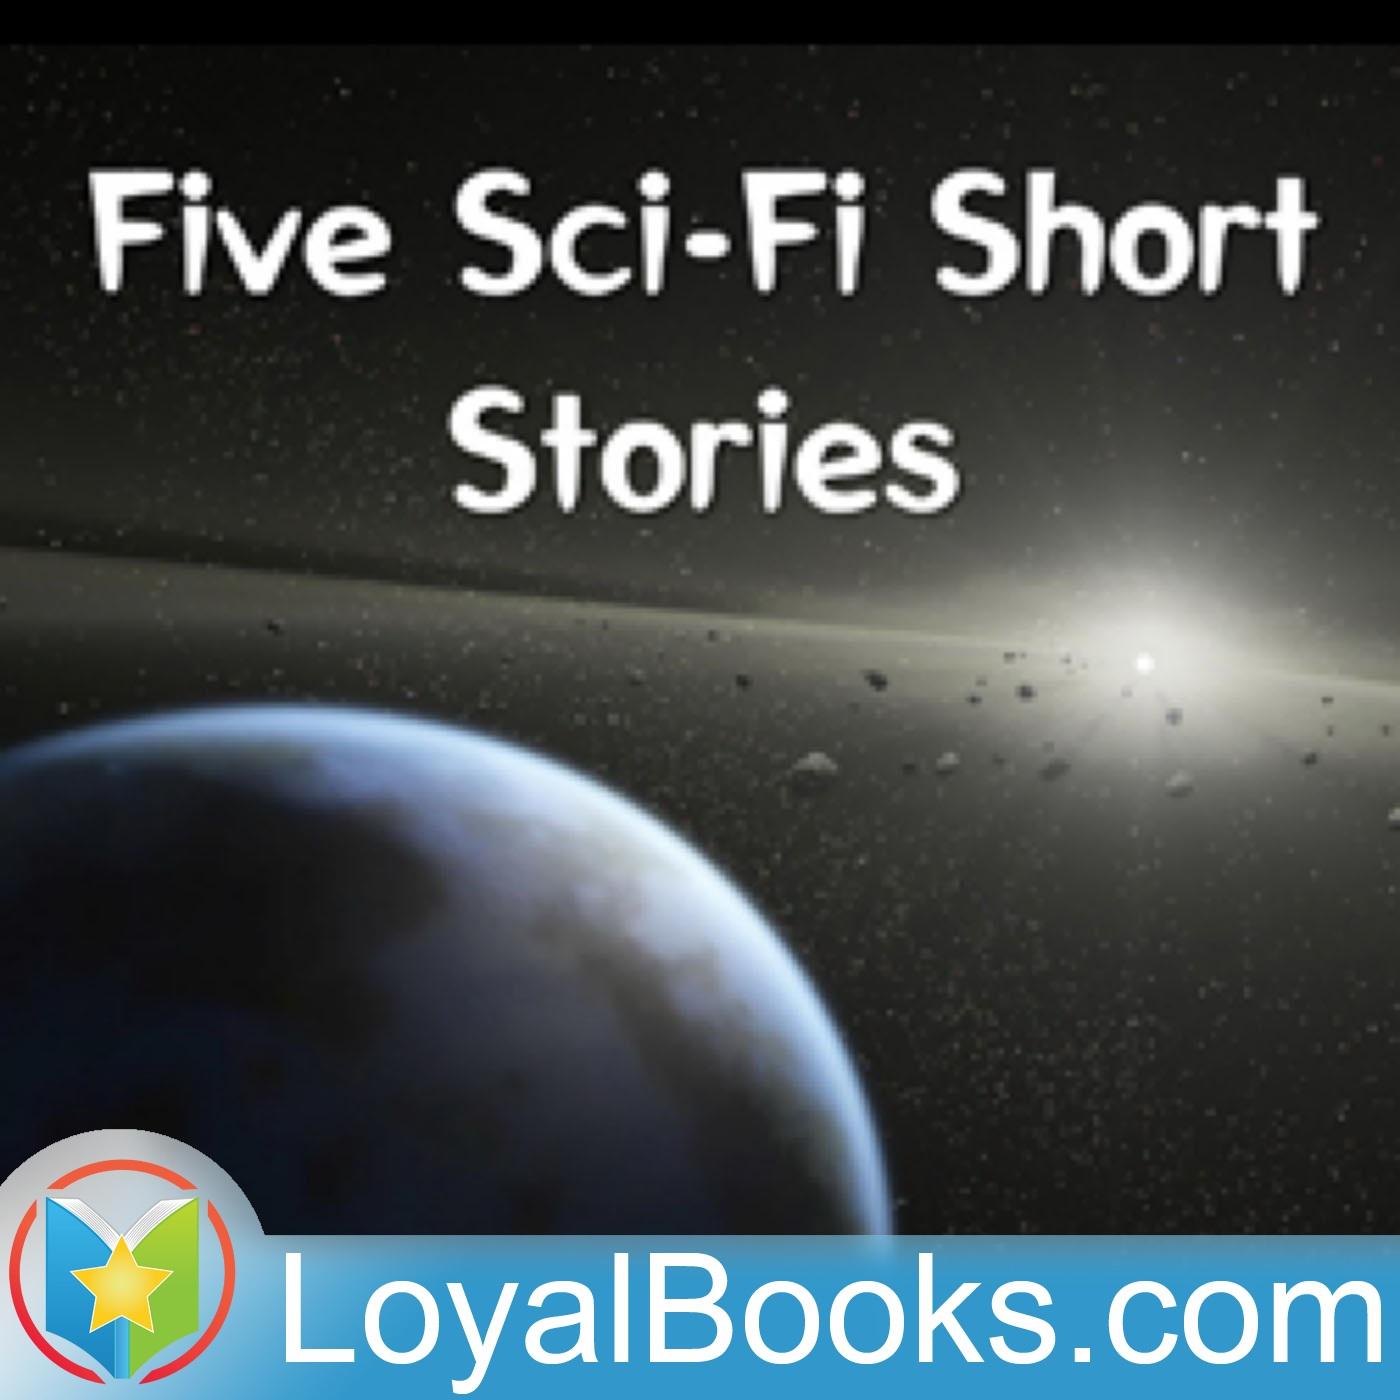 Pdf short science fiction stories